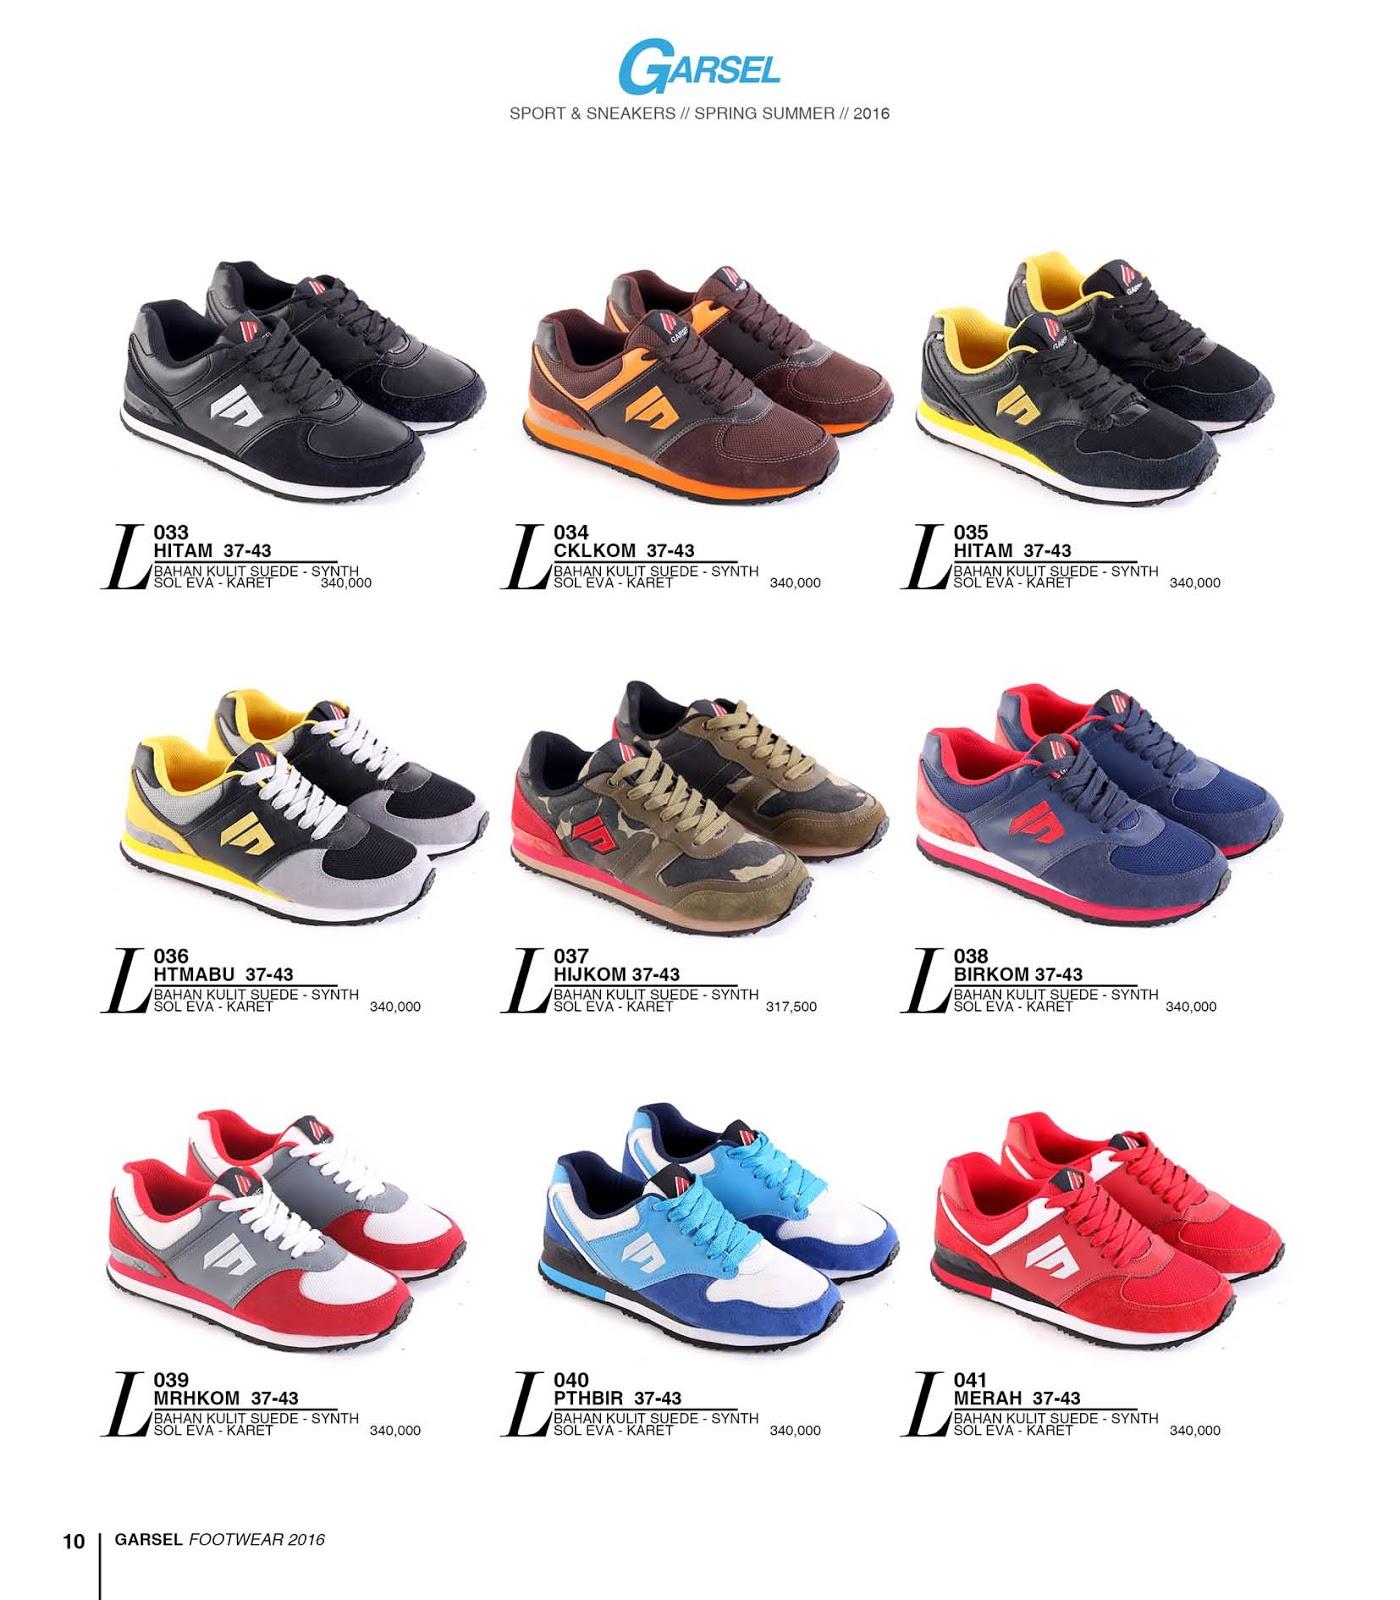 Garsel Sepatu Sandals Pria Bahan Kulit Buck Sol Tpr L 175 Katalog Cowo Gars Harga Diskon 30 Dari